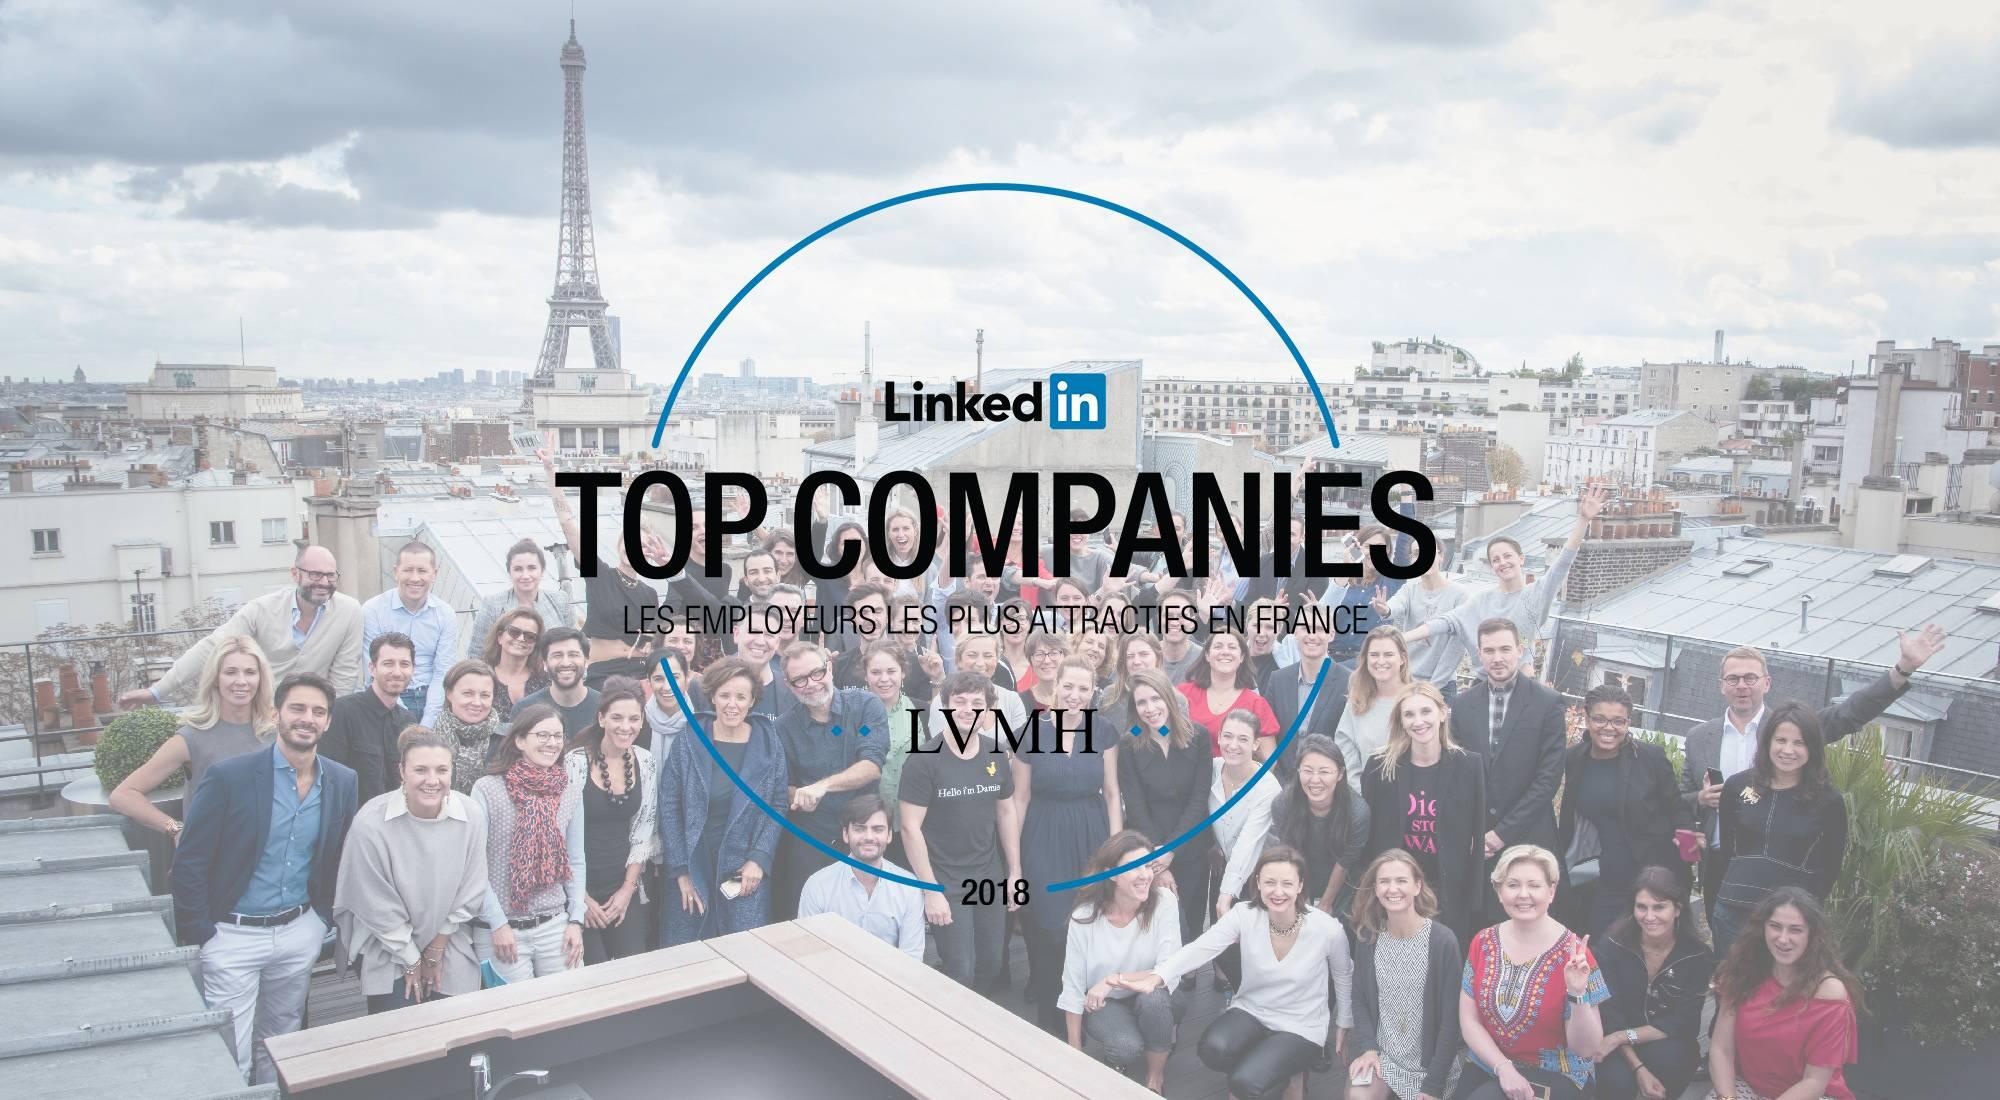 LVMH-Top-Companies